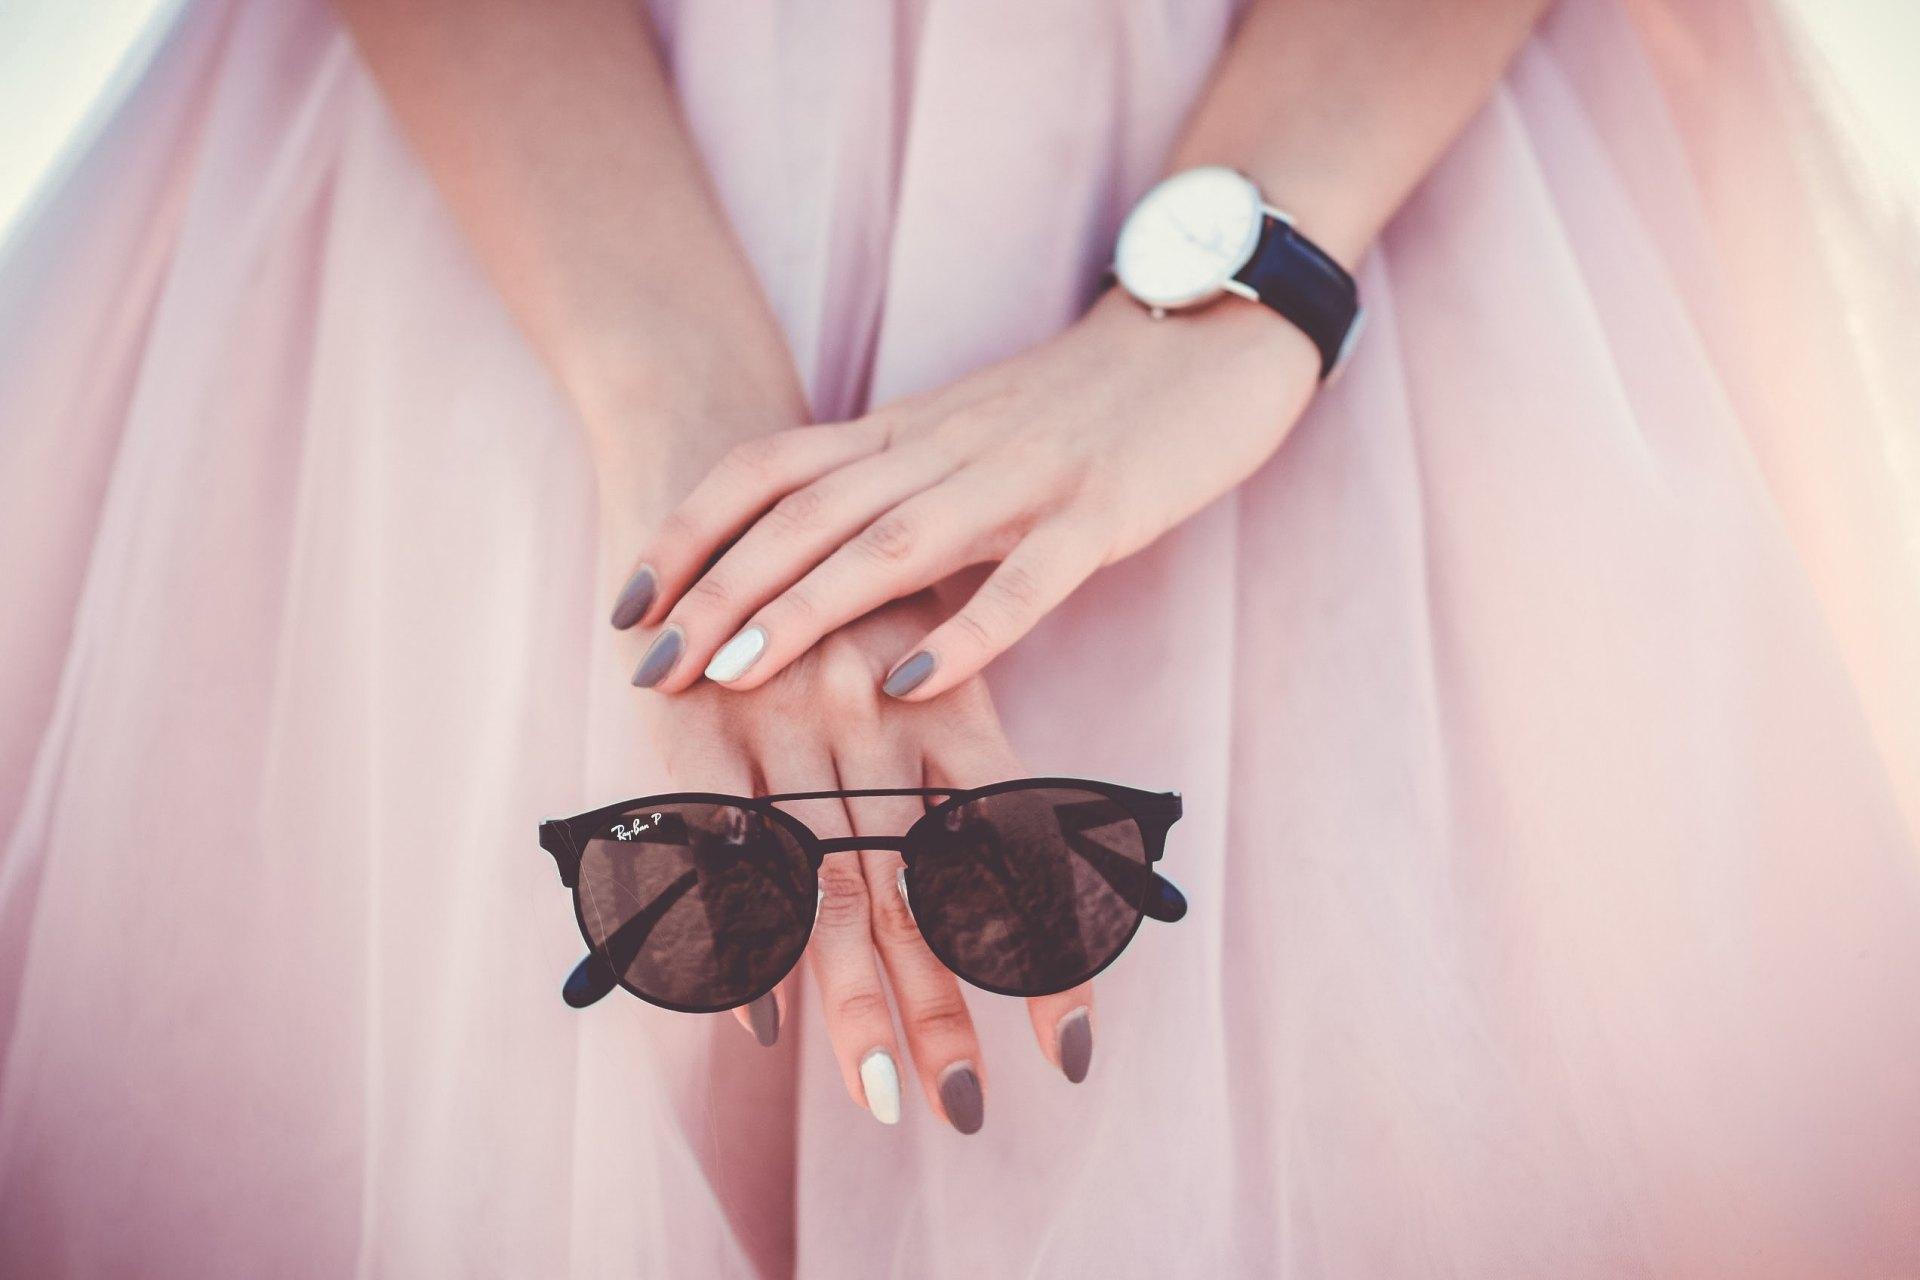 skirt glasses nail polish